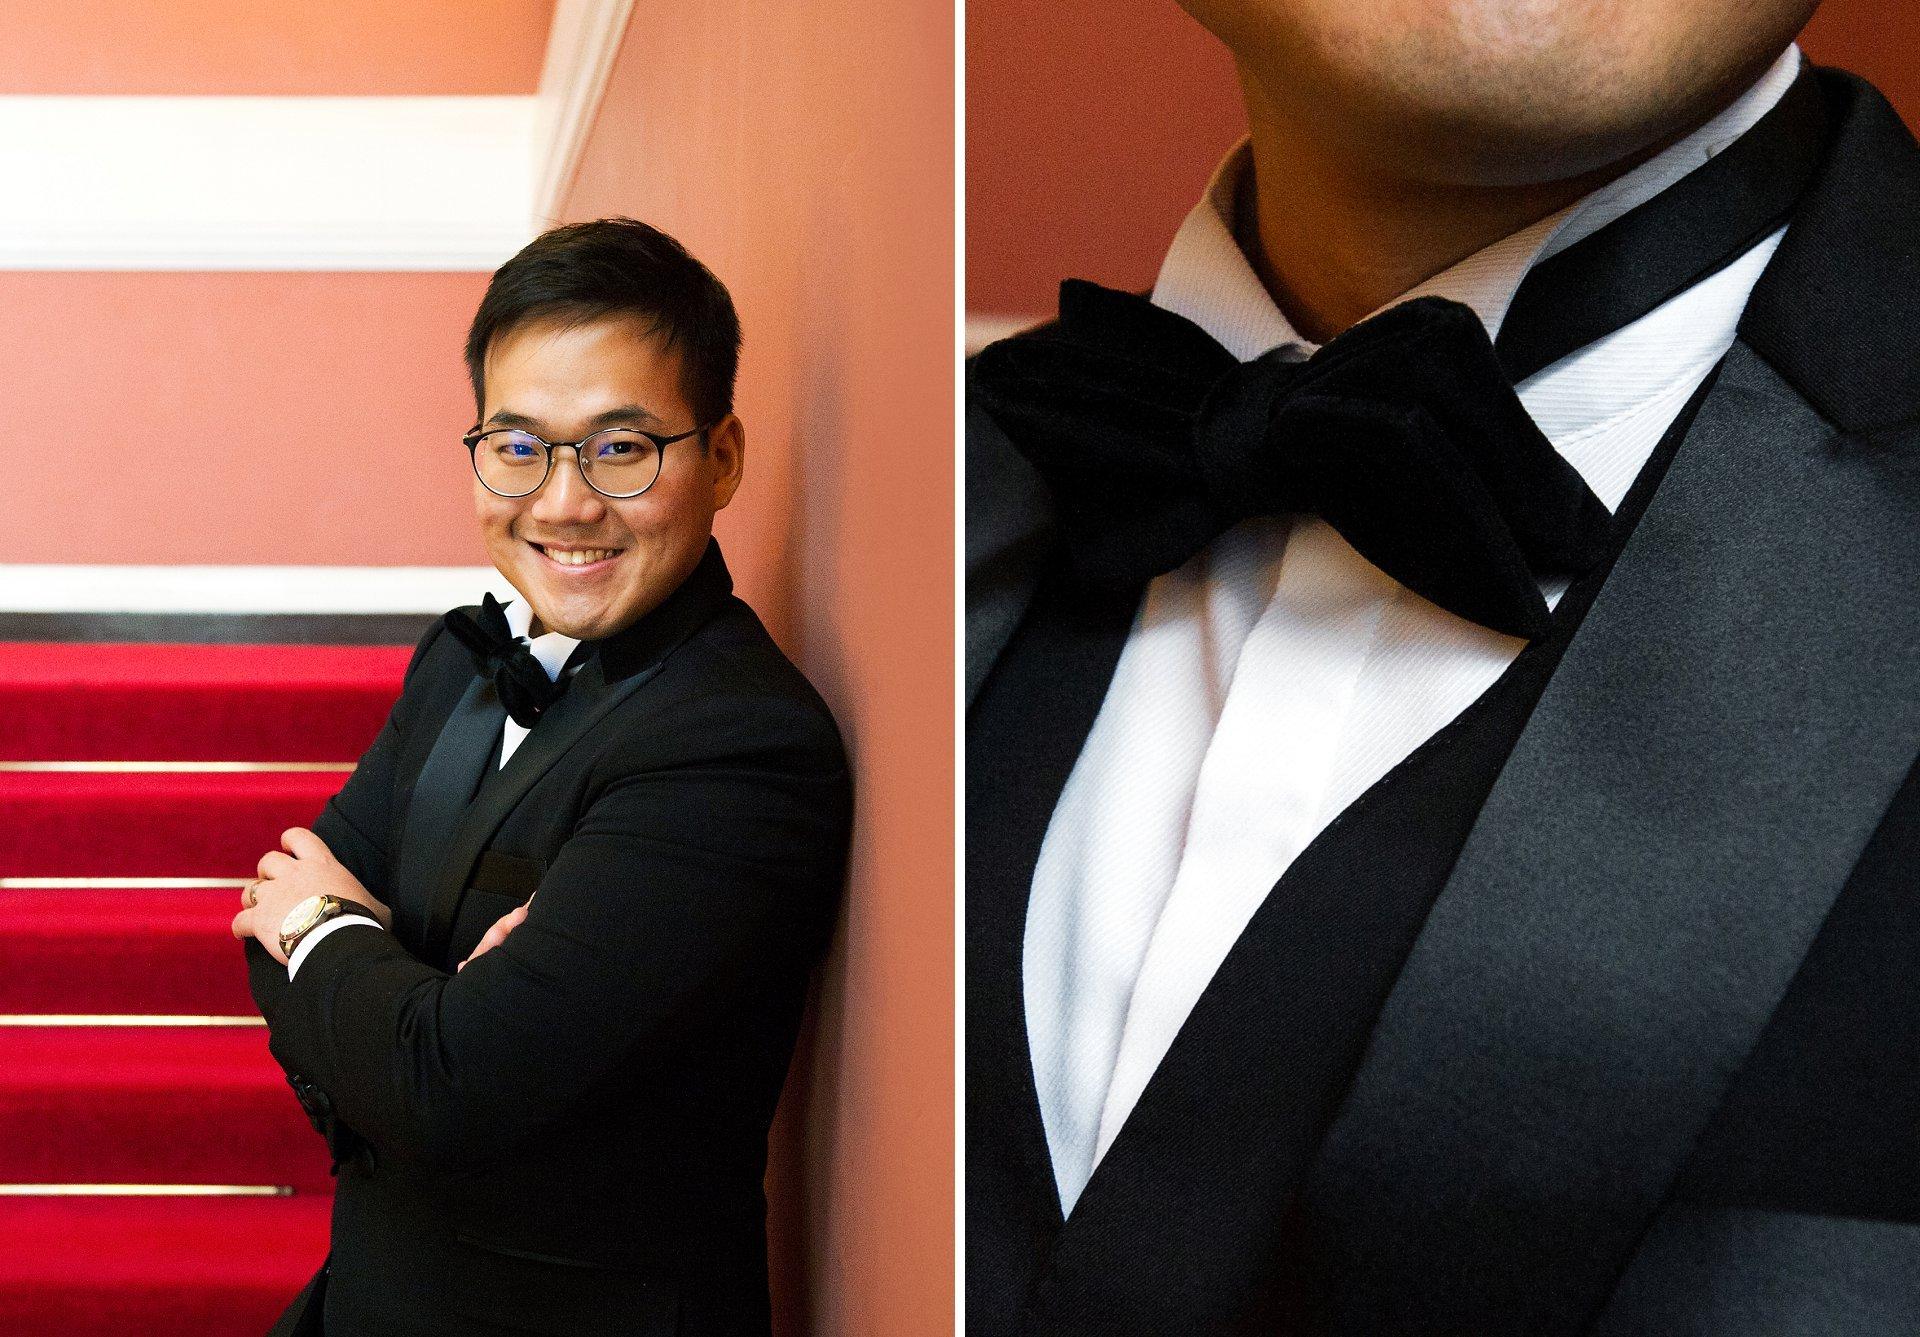 Black tie wedding groom in Chelsea Old Town Hall